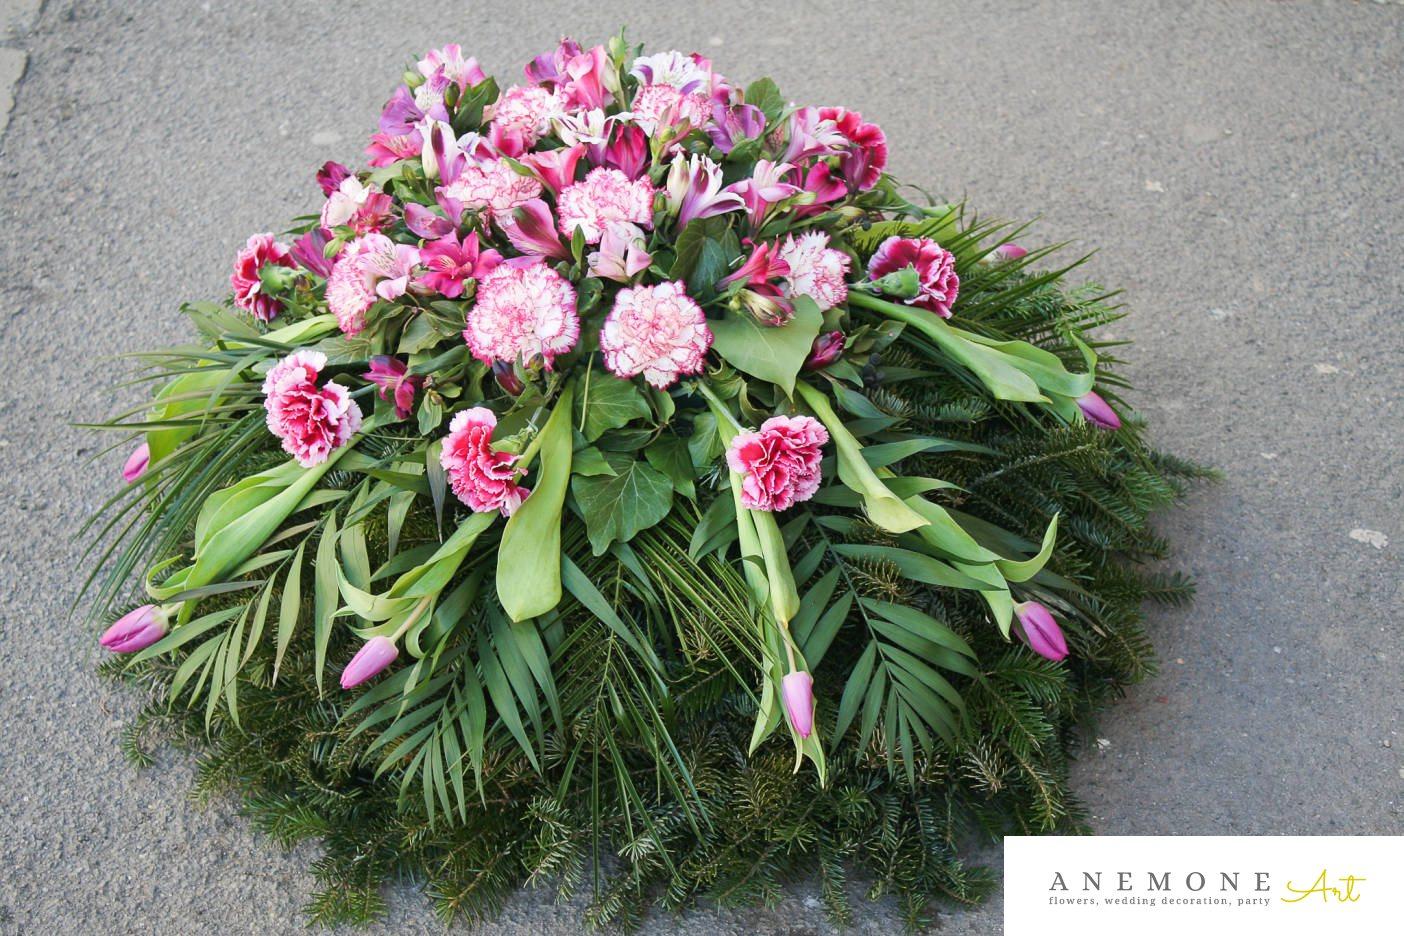 Poza, foto cu Flori de nunta coroana funerara, garoafe, lalele, roz in Arad, Timisoara, Oradea (wedding flowers, bouquets) nunta Arad, Timisoara, Oradea